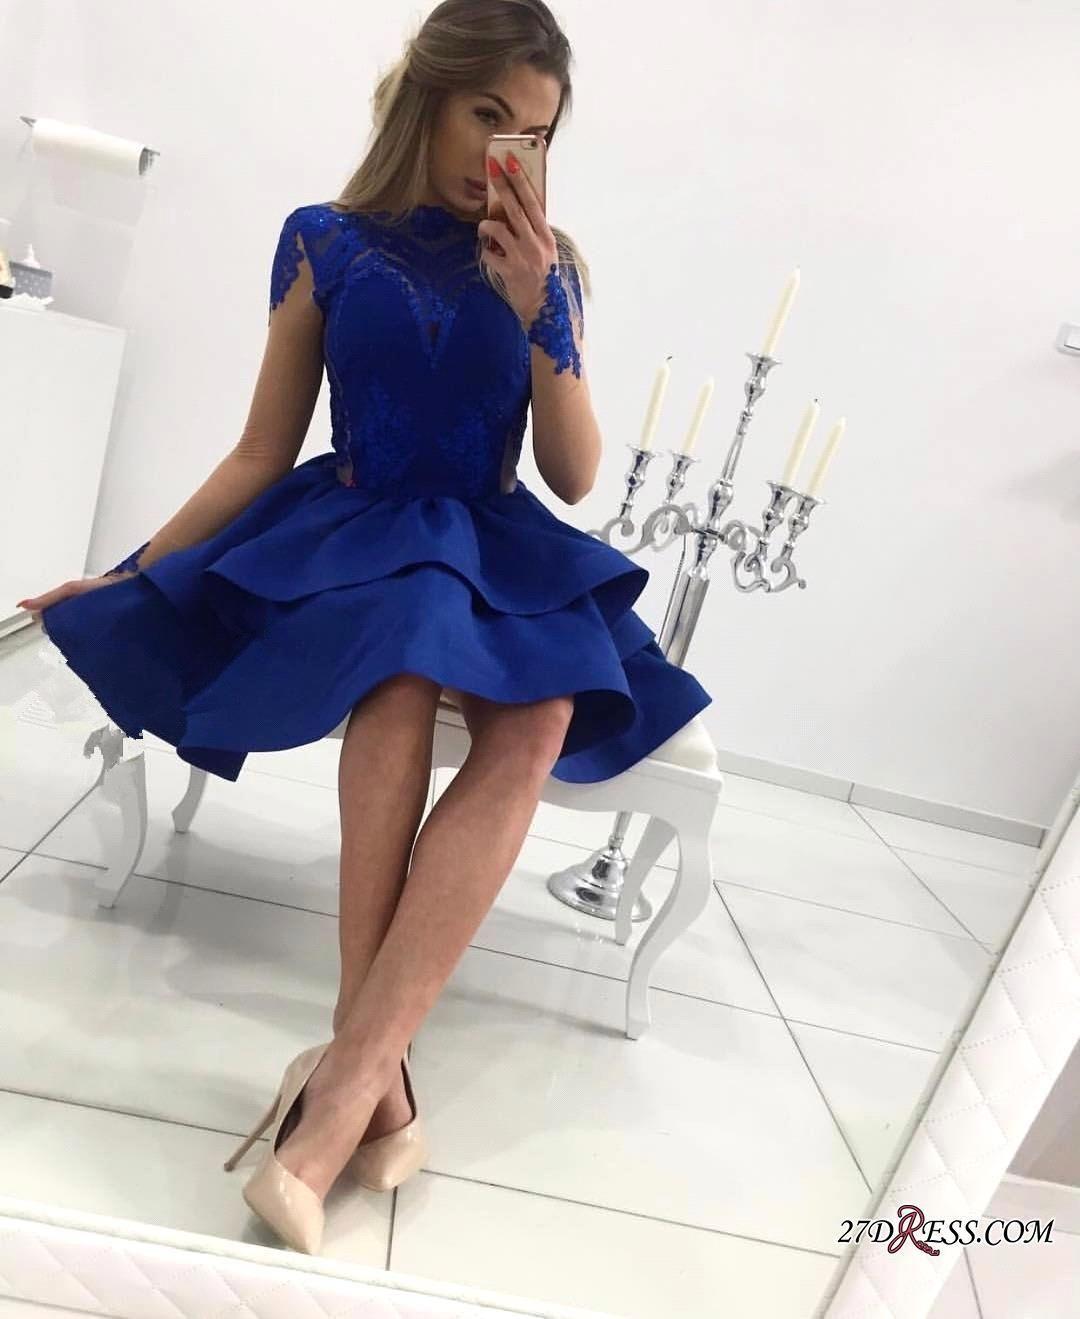 Pas cher royal bleu dentelle courte robe de retour de la dentelle longue illusion manches au-dessus de la longueur du genou de la longueur simple dentelle appliques courtes robes de bal short robe de fête